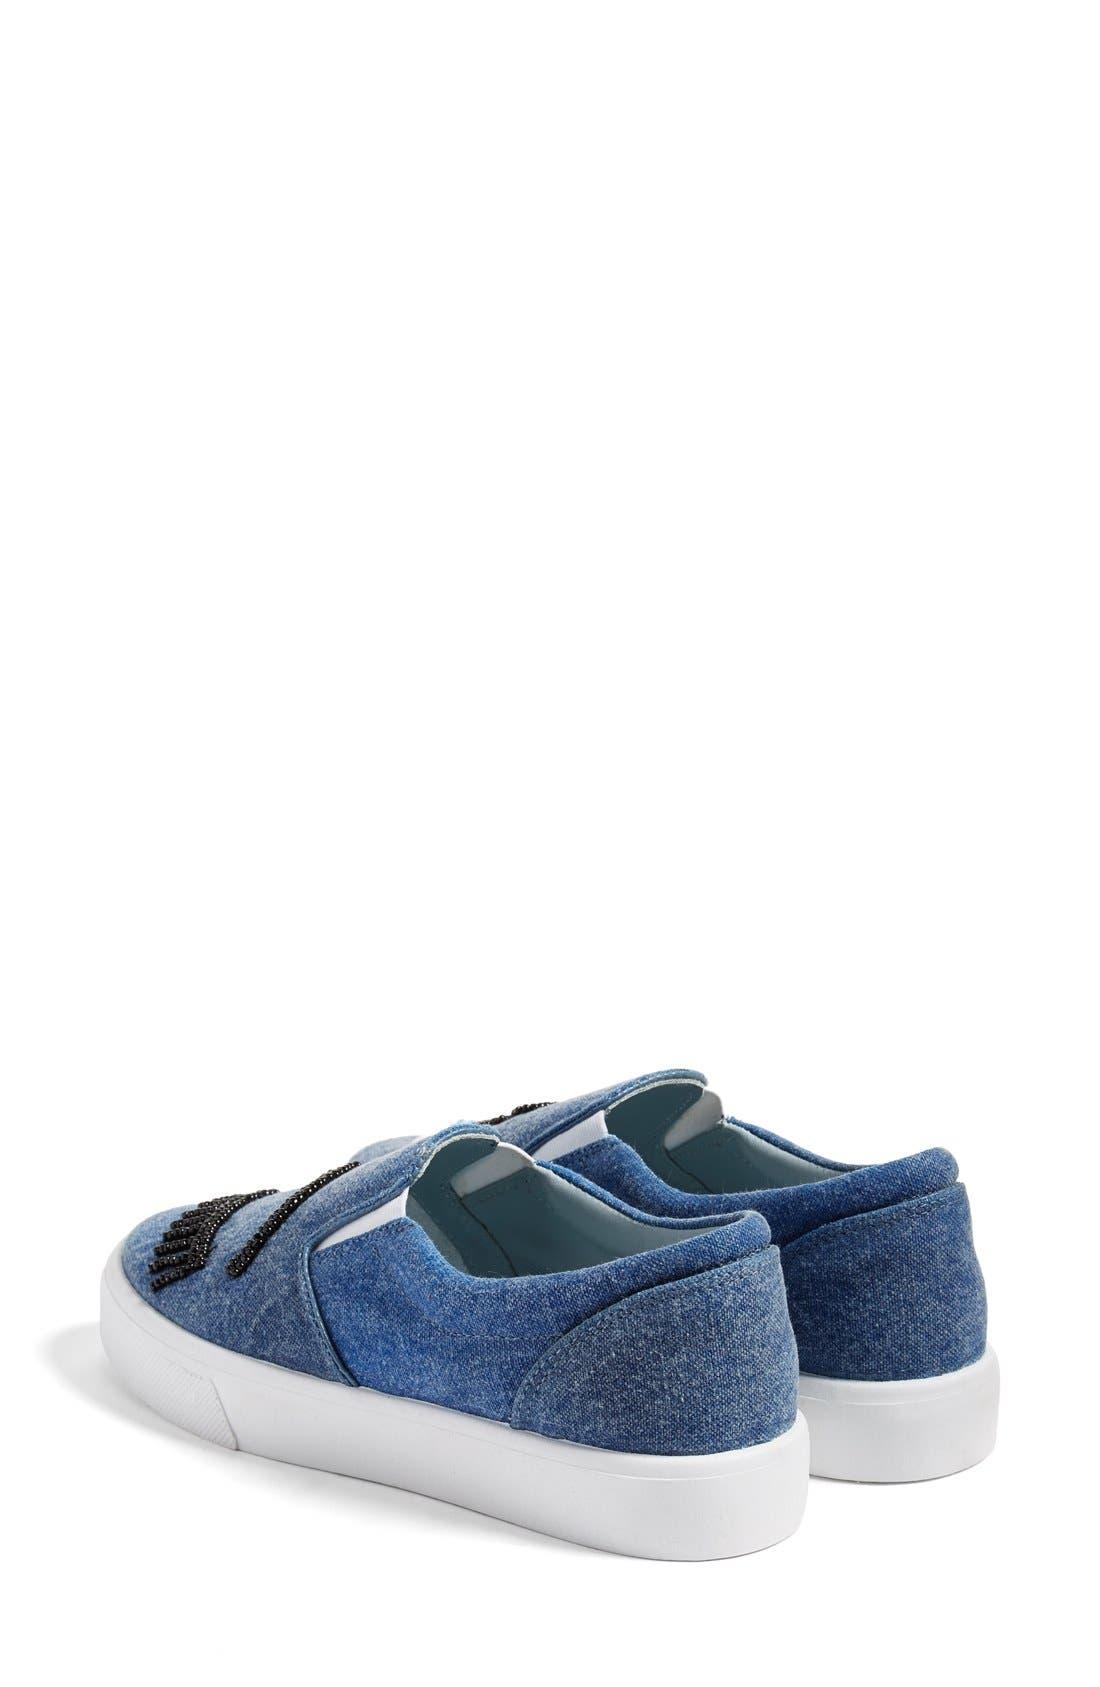 Alternate Image 2  - Chiara Ferragni Flirting Beaded Slip-On Sneaker (Women)